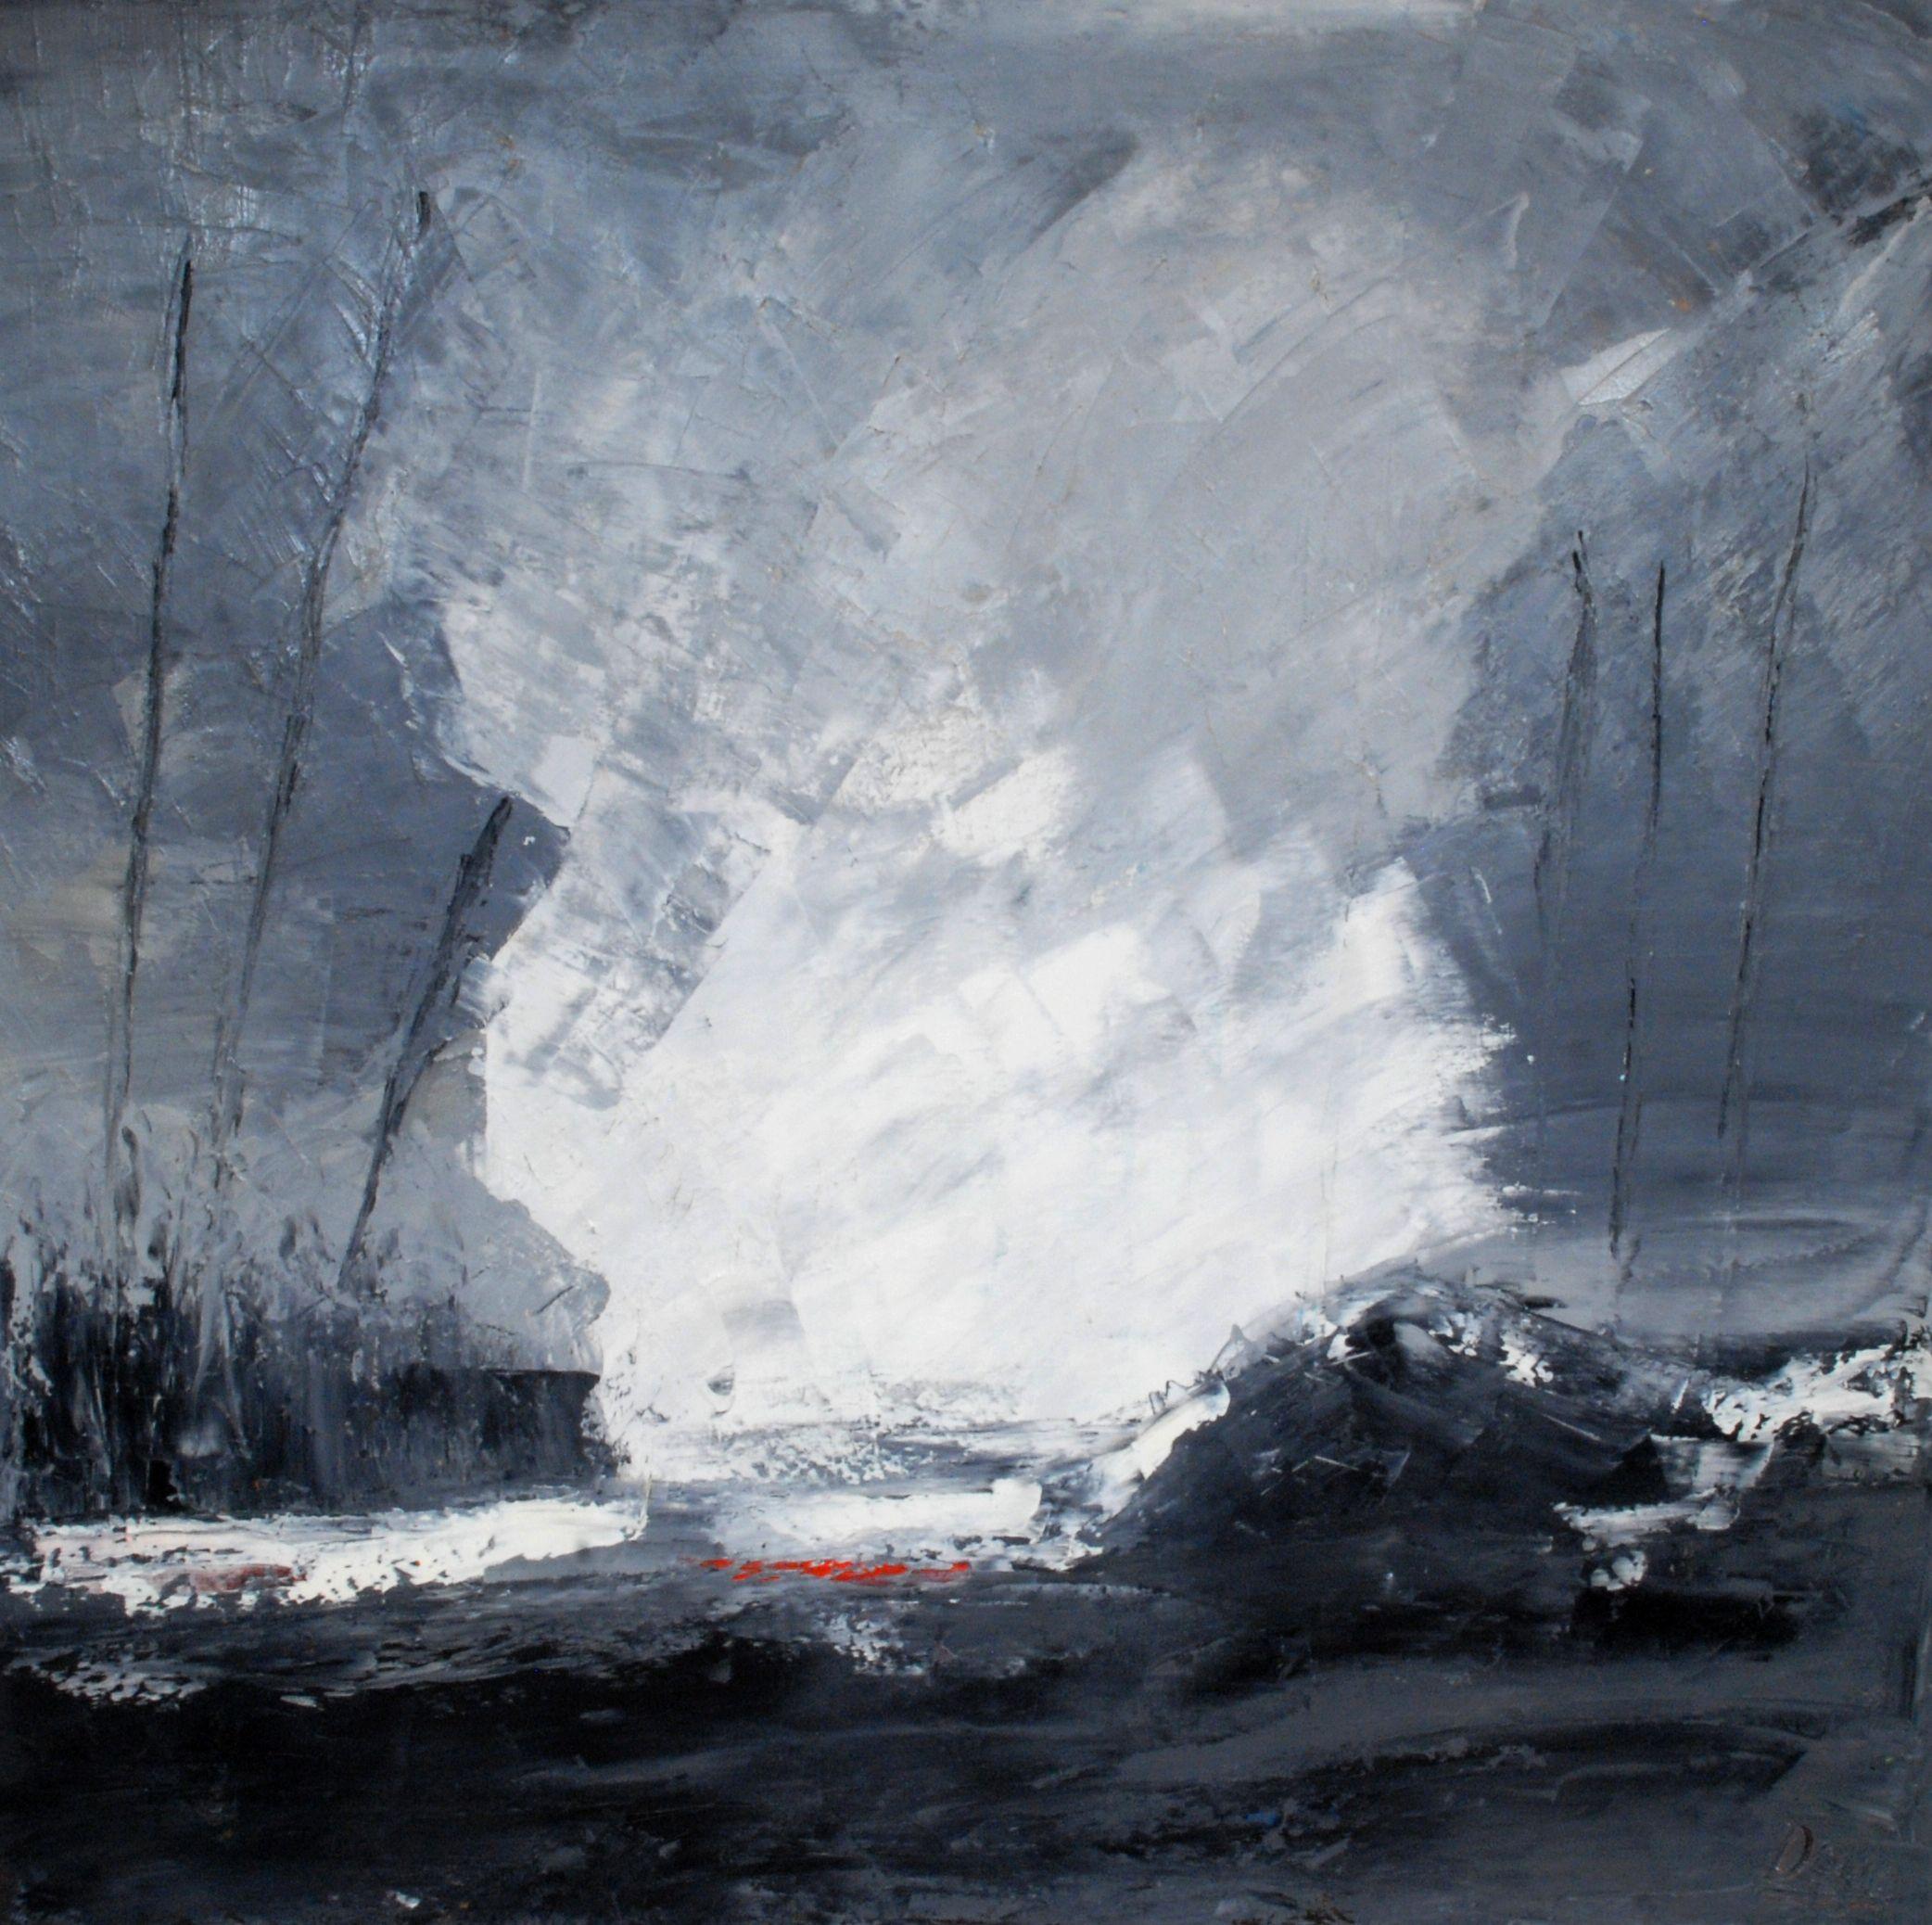 Huile sur toile paysage abstrait peinture au couteau 100 x 100 cm peintures l 39 huile - Peinture au couteau huile ...